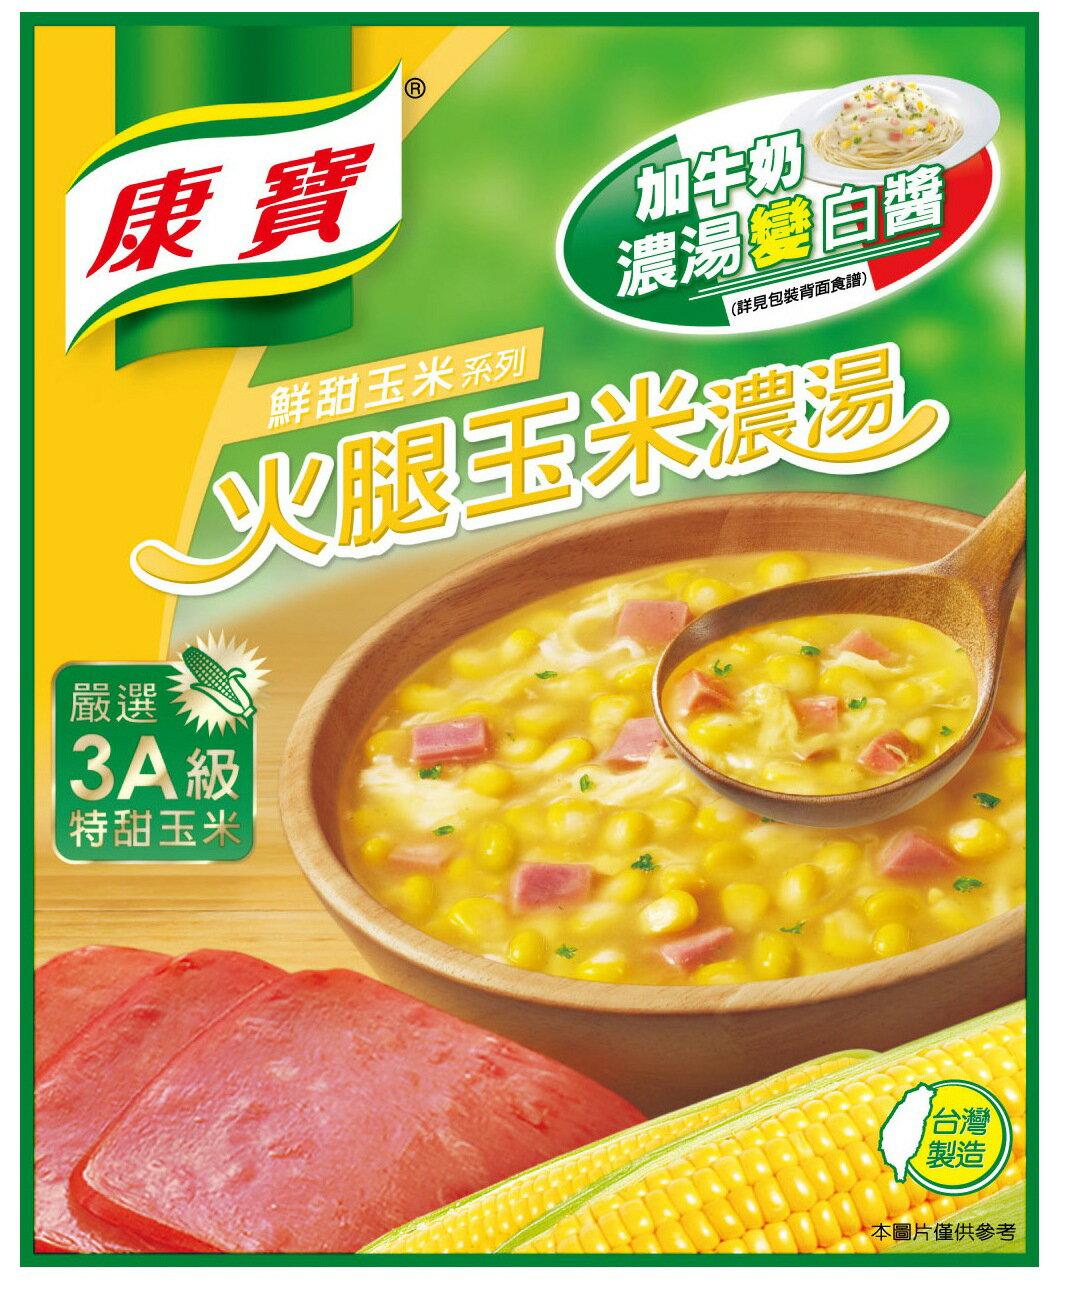 康寶濃湯(火腿玉米)56.5g*2入